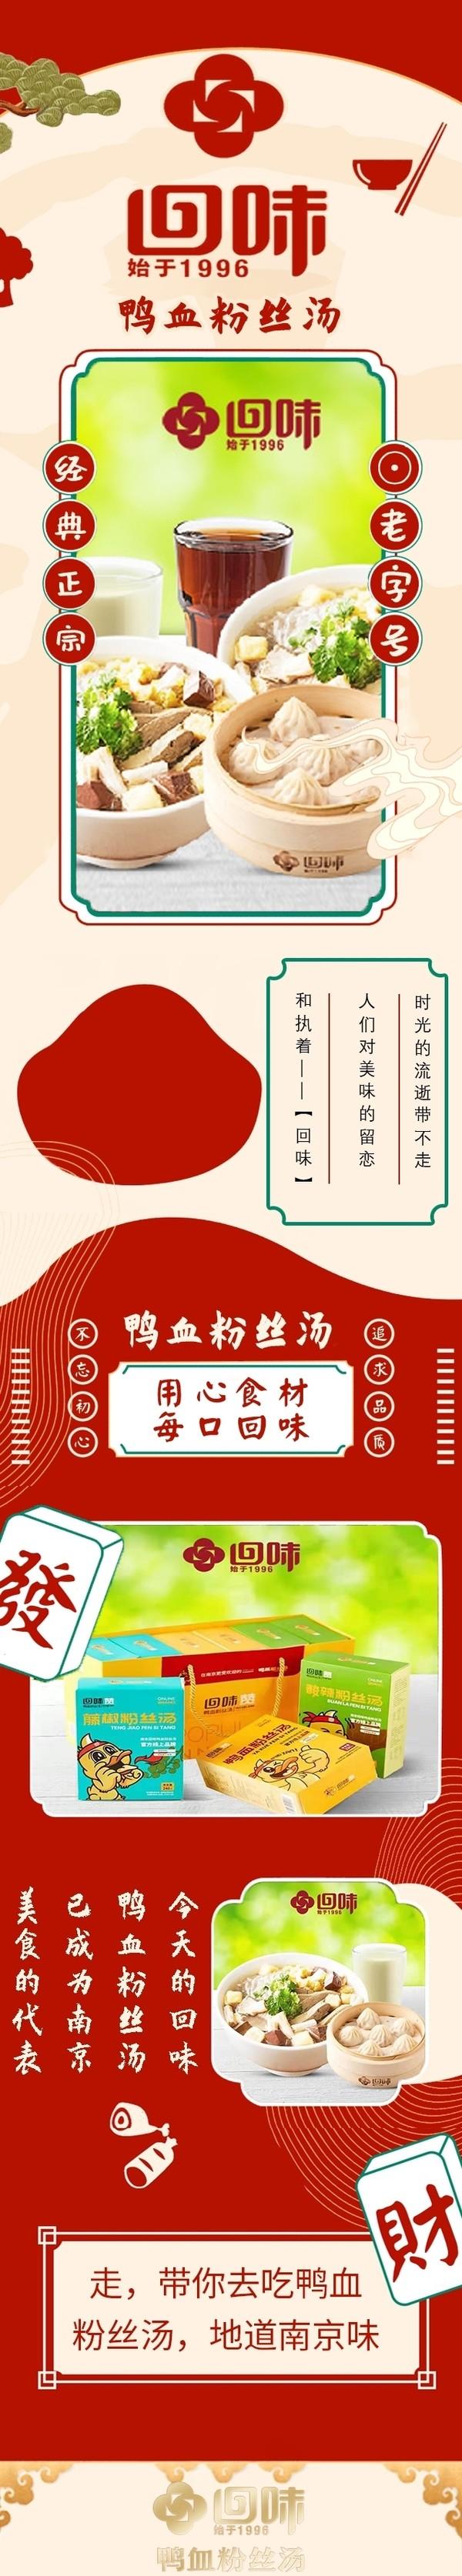 南京76店通用!回味鸭血粉丝汤价值42元单人套餐